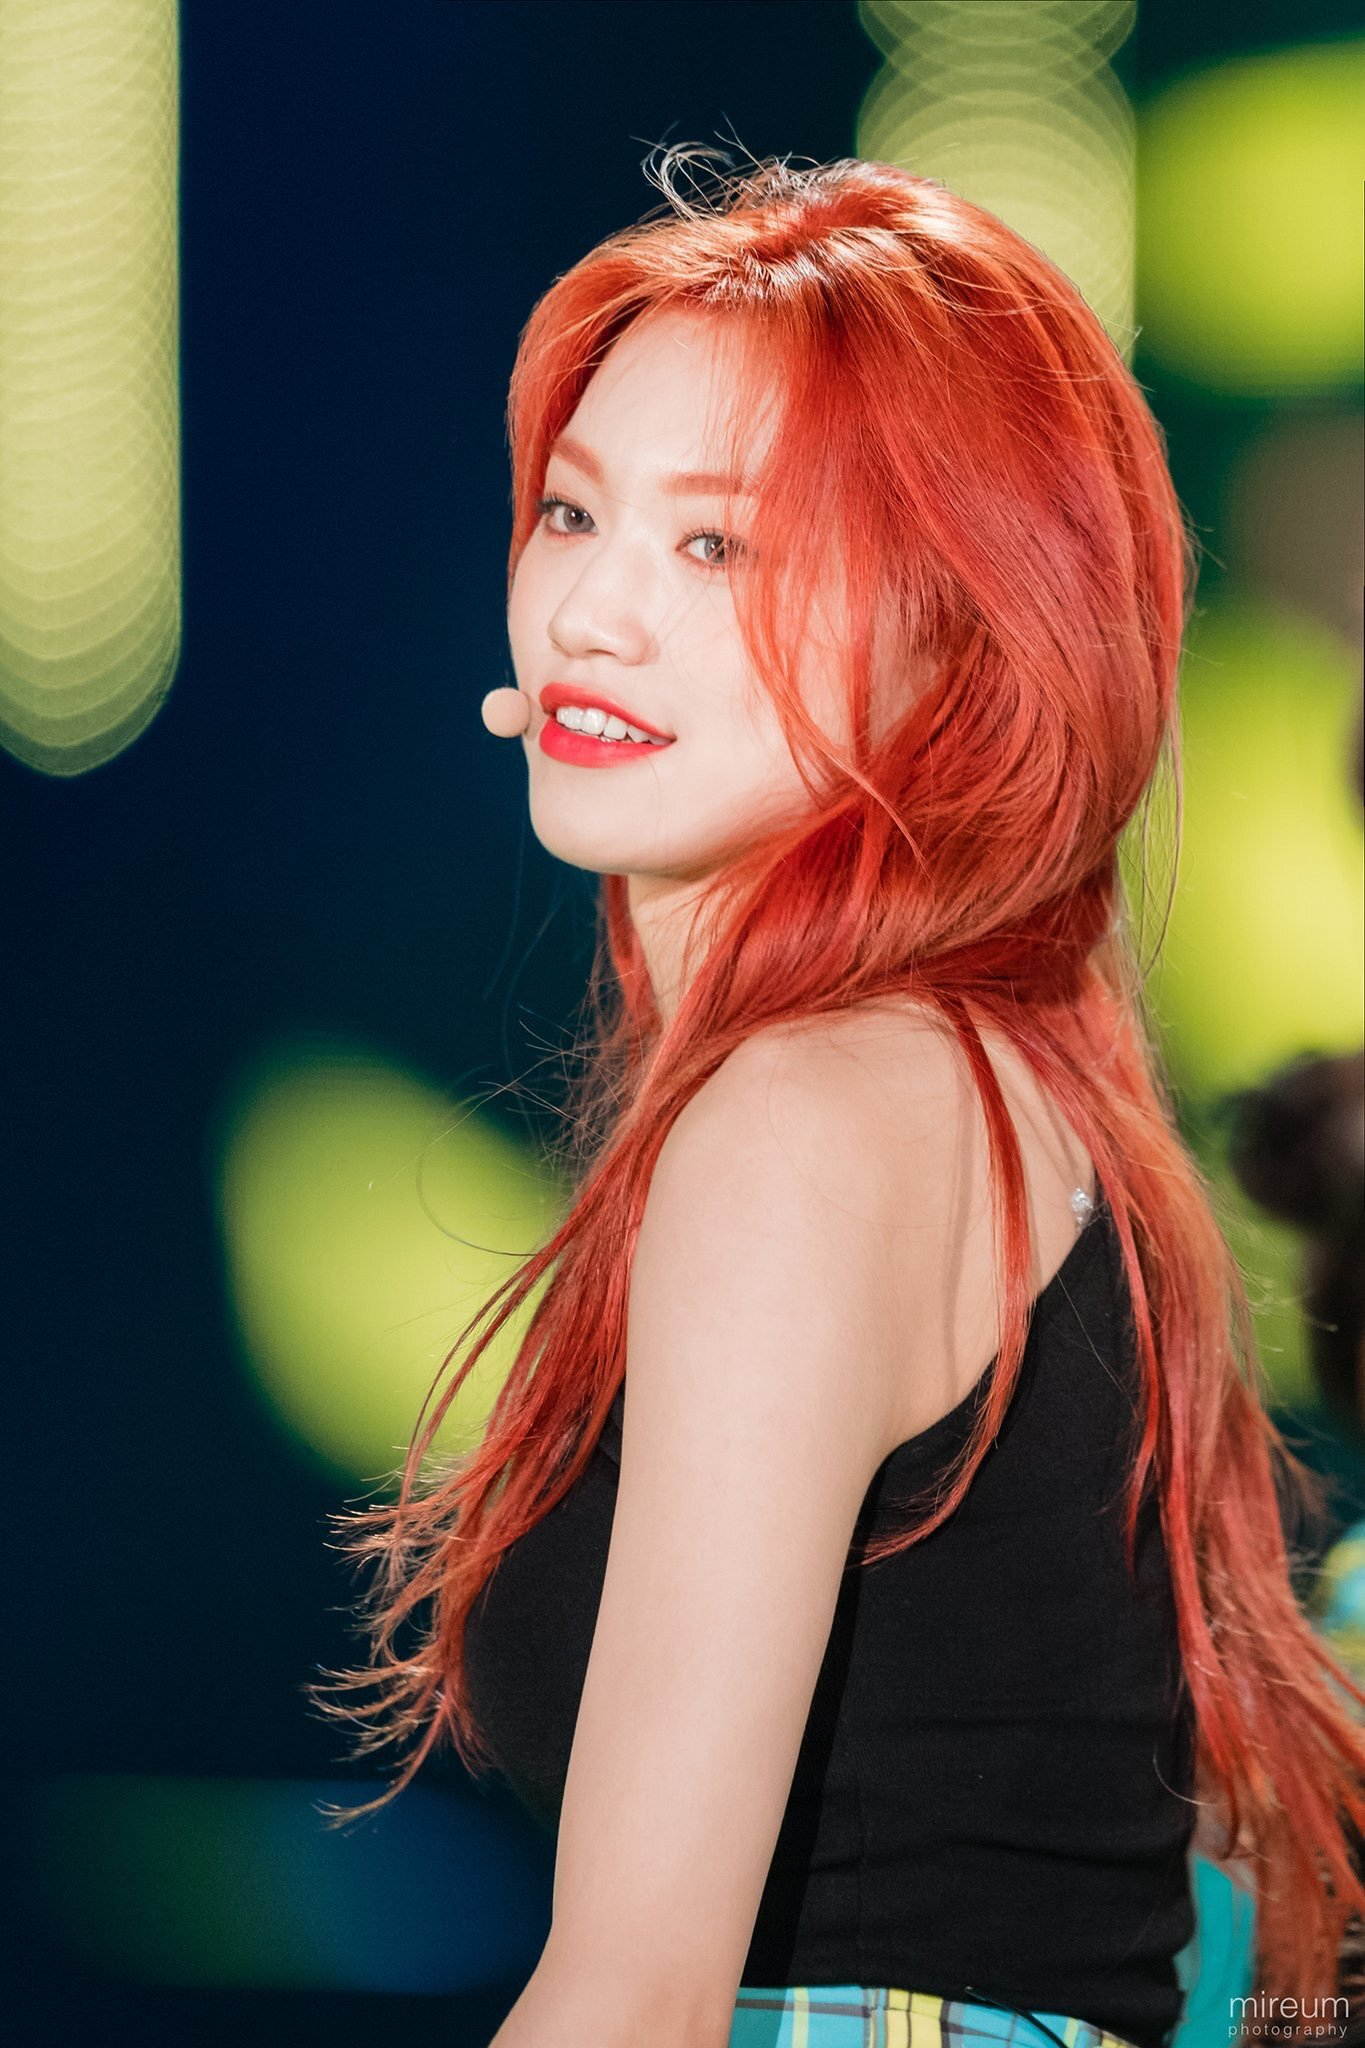 doyeon red